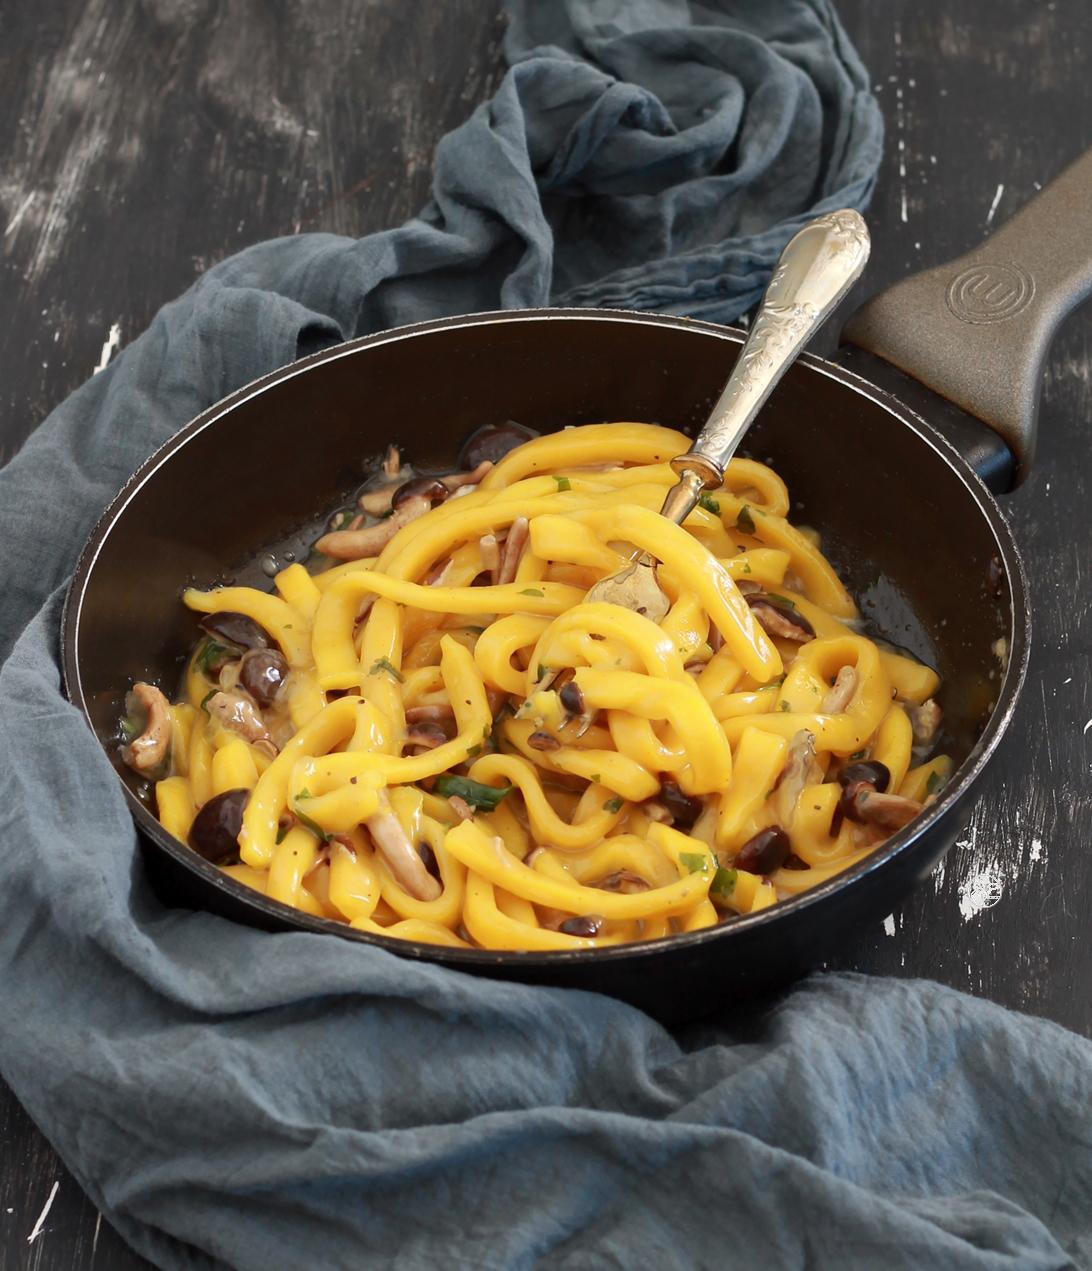 Pâtes troccoli au curcuma sans gluten et sans œufs - La Cassata Celiaca